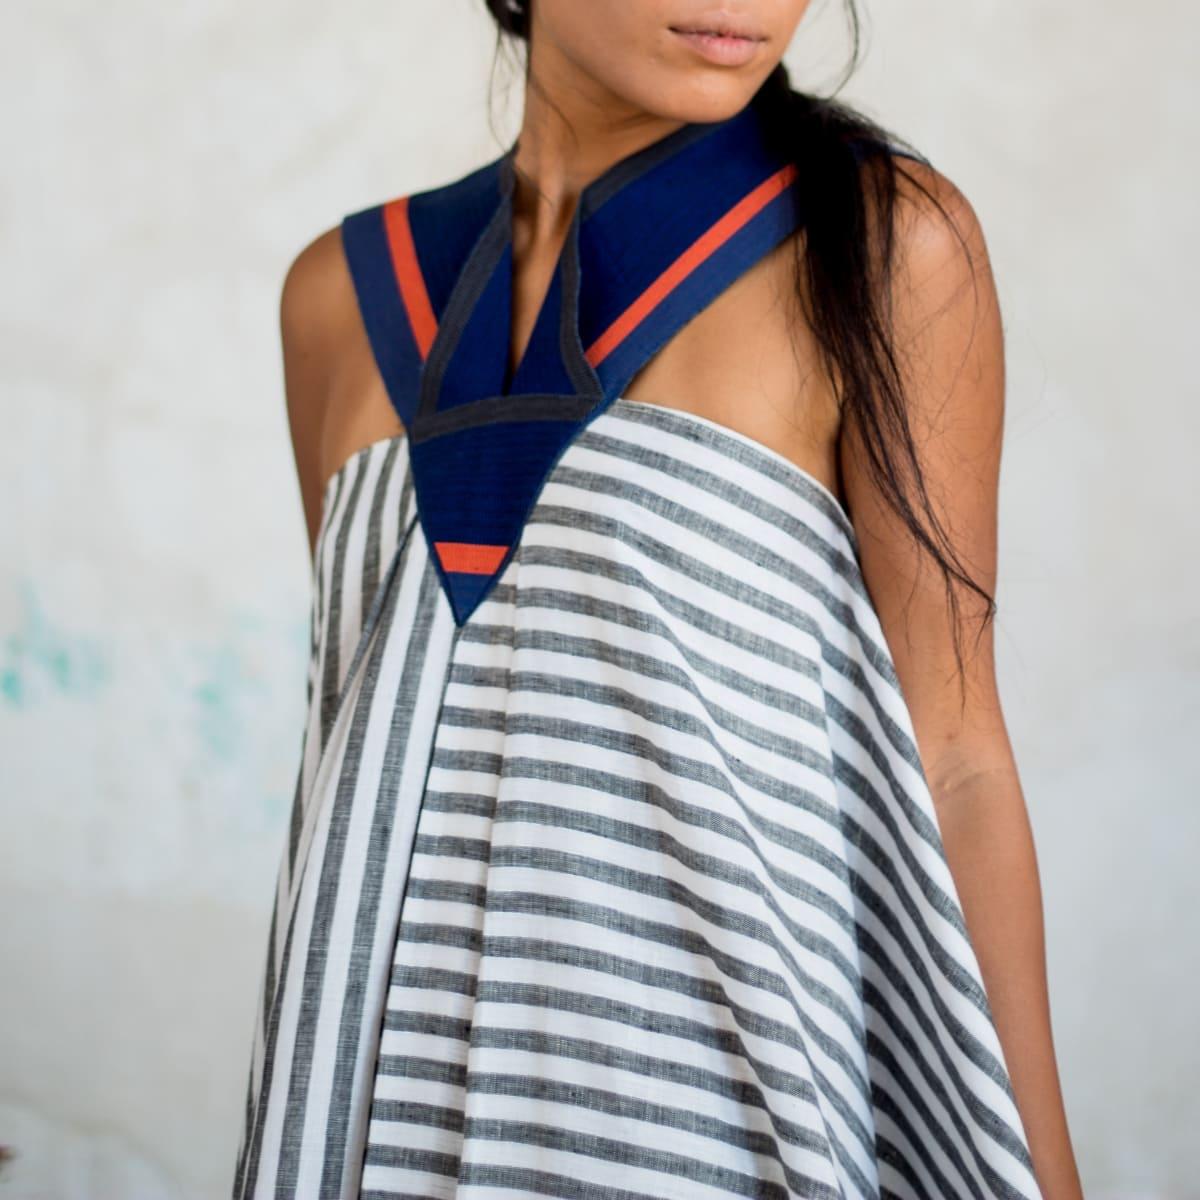 Zacatecas Dress 11